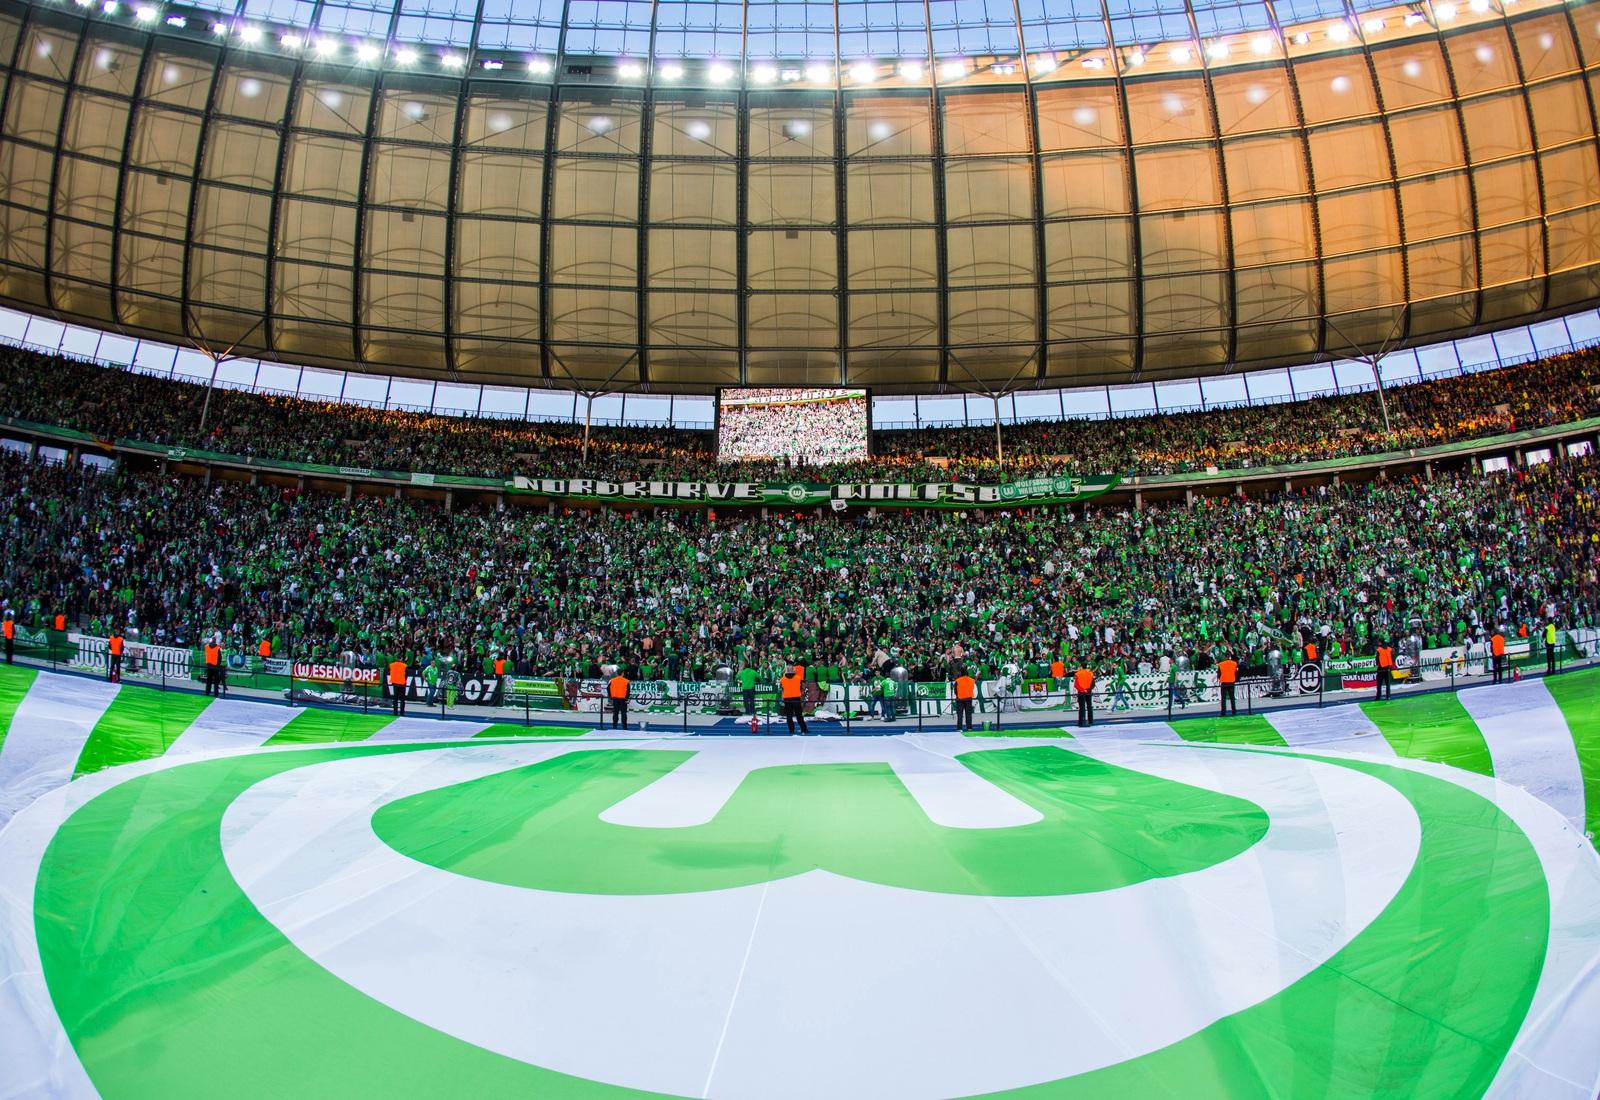 Live Ticker Borussia Dortmund Spielt Im Dfb Pokal Finale In Berlin